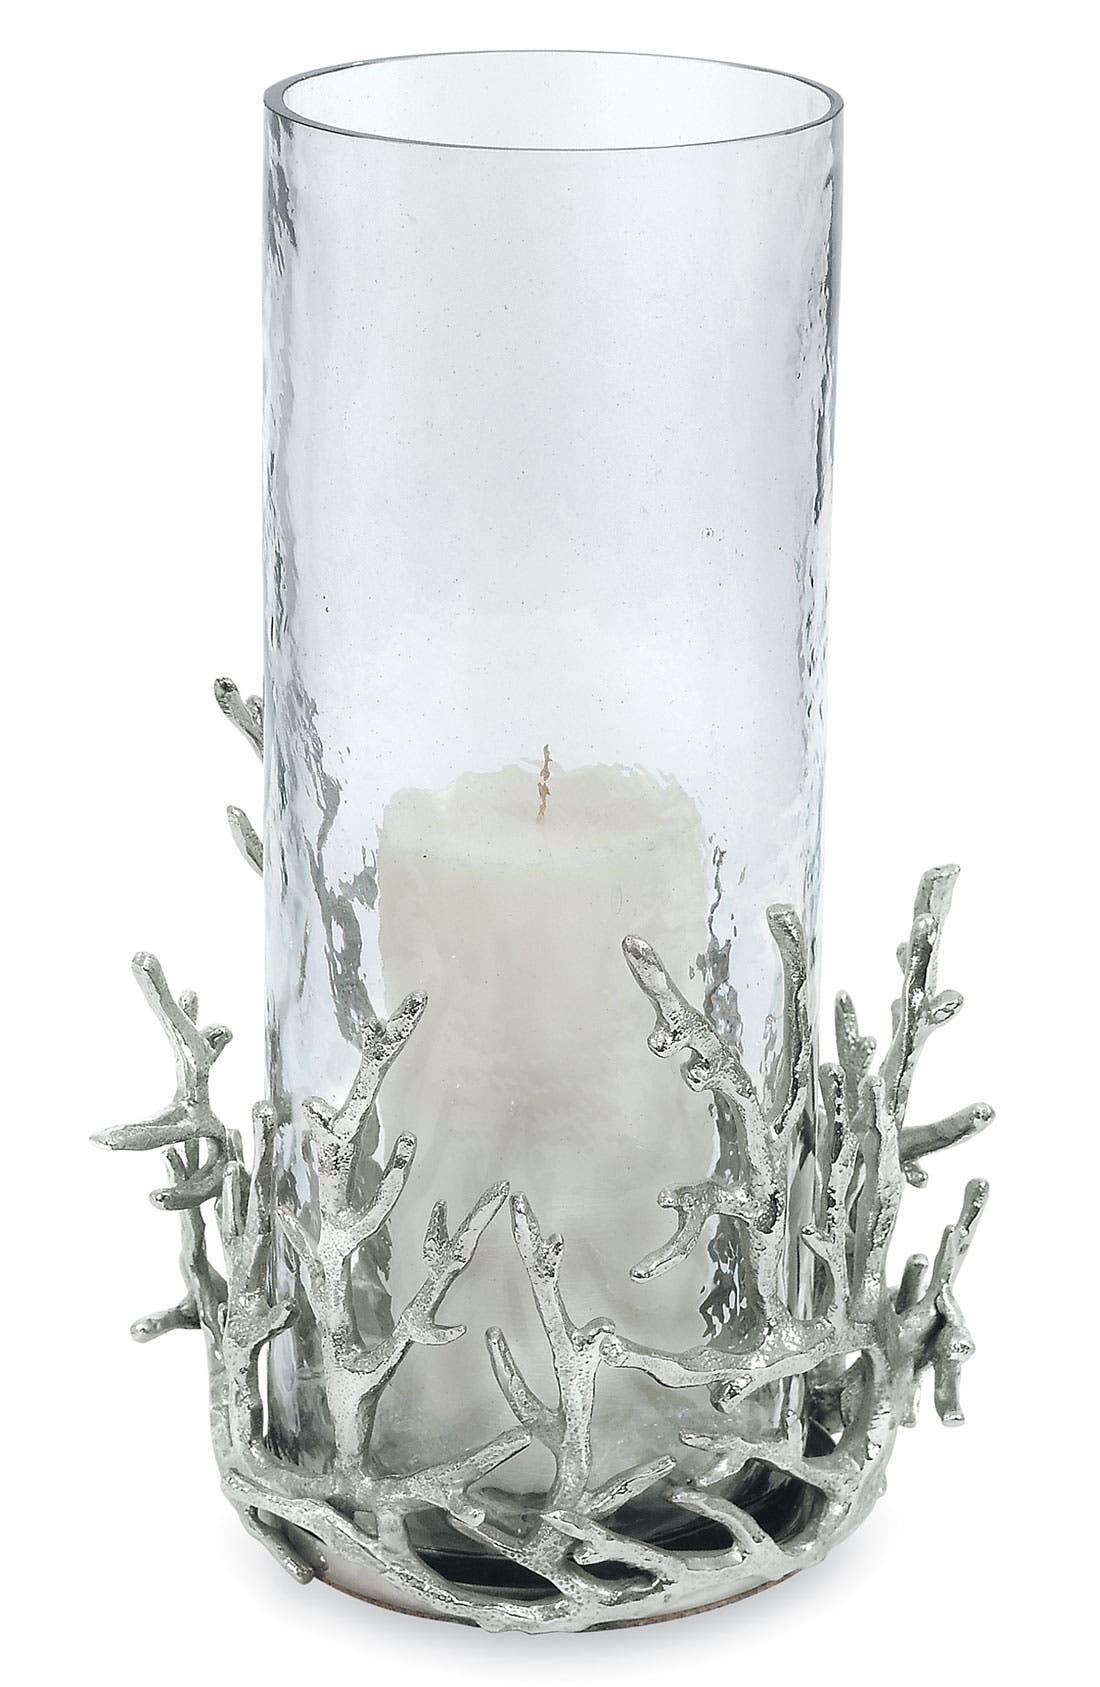 Main Image - Michael Aram 'Ocean Coral' Hurricane Vase